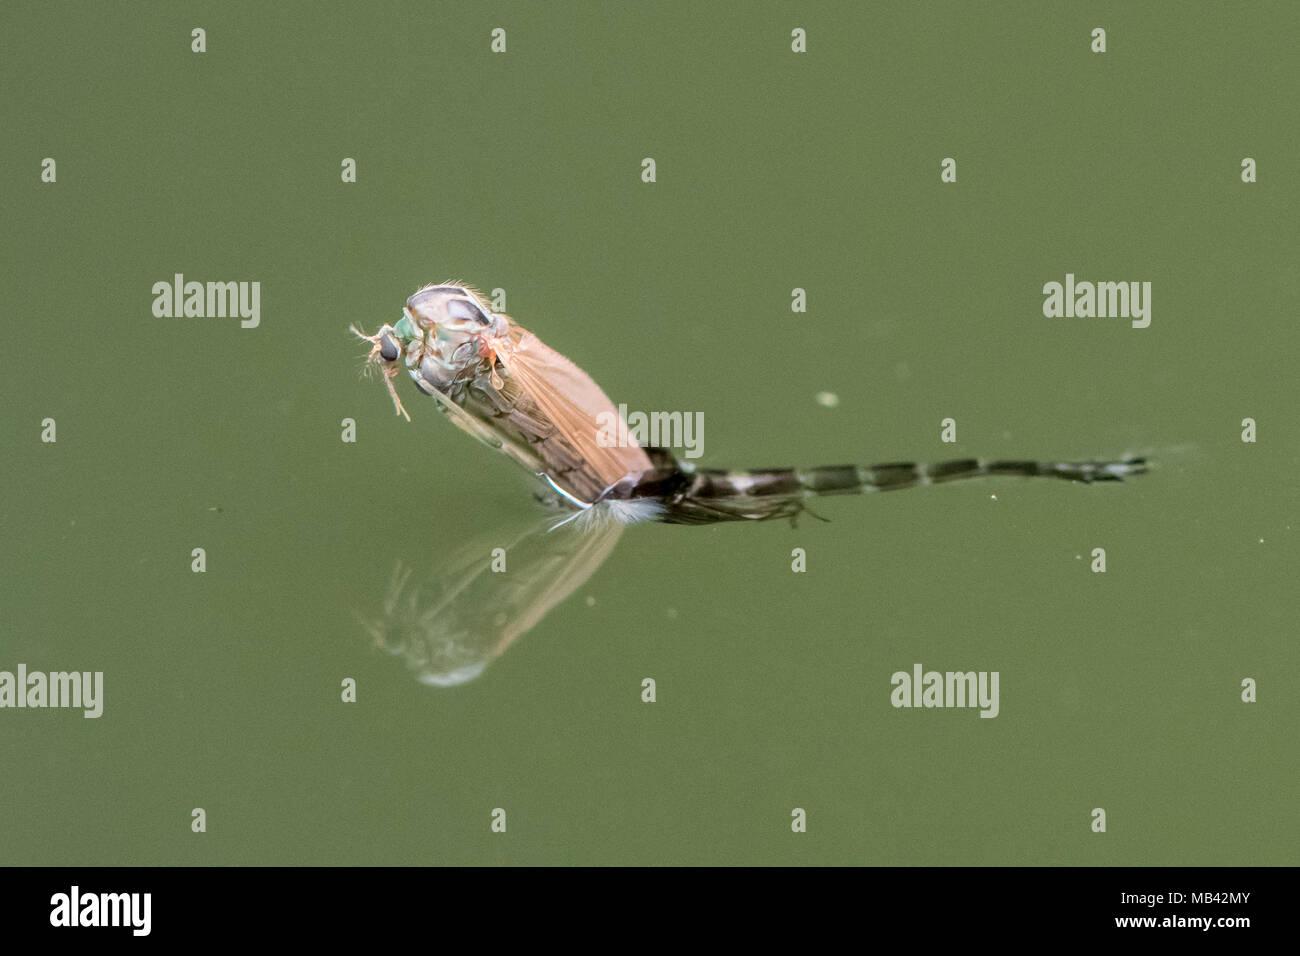 Midge (Chironomus plumosus) sich aus der Puppe. Weibliche imago von Nicht-Beißenden midge in der Familie Chironomidae Stockbild